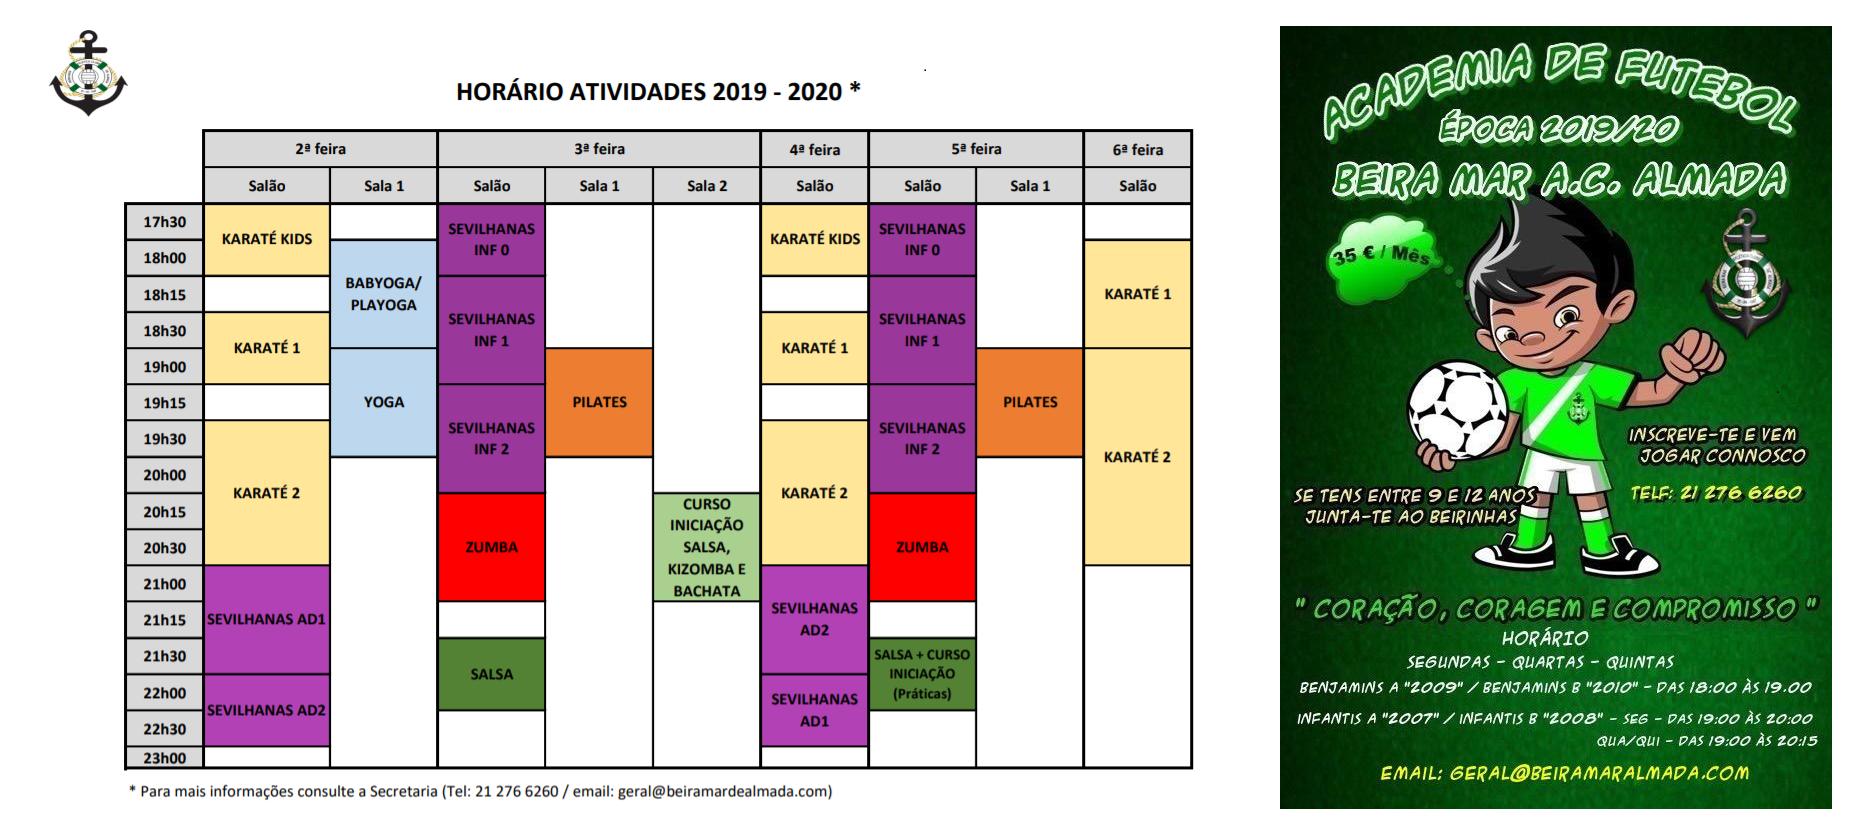 Horário actividades 2019-2020